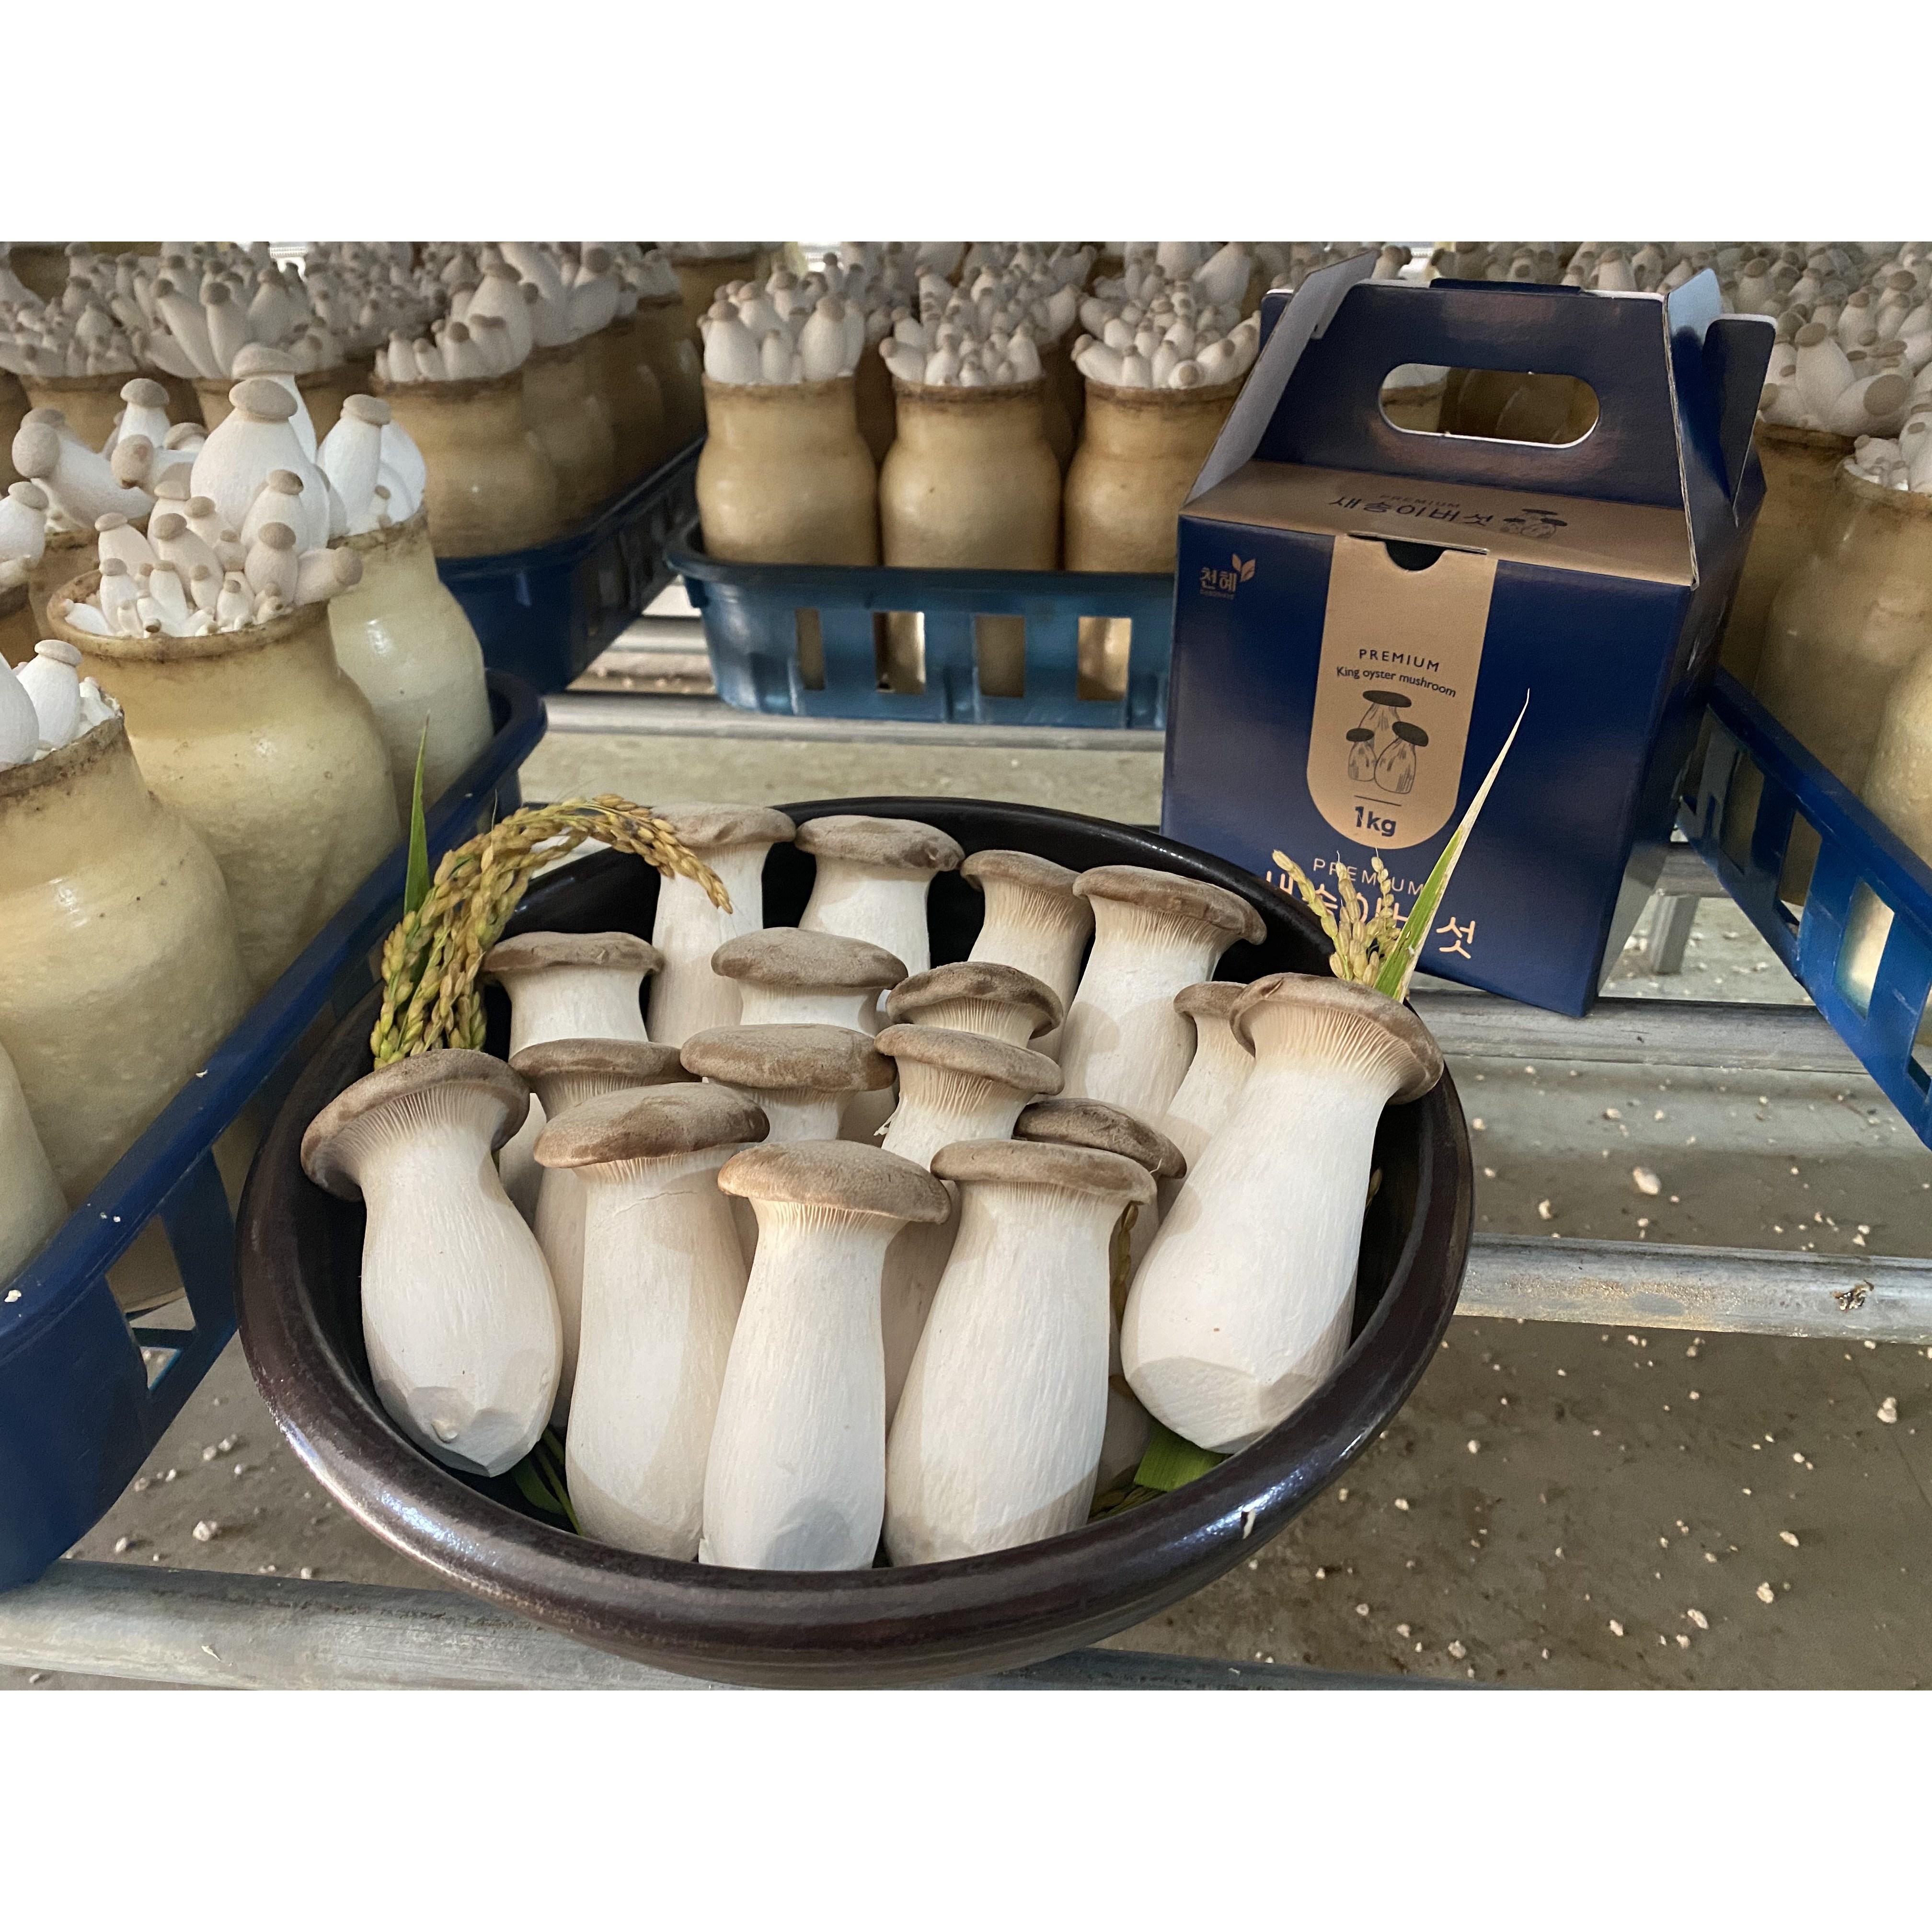 국내최초 Global GAP 인증 받은 프리미엄새송이 버섯!!!